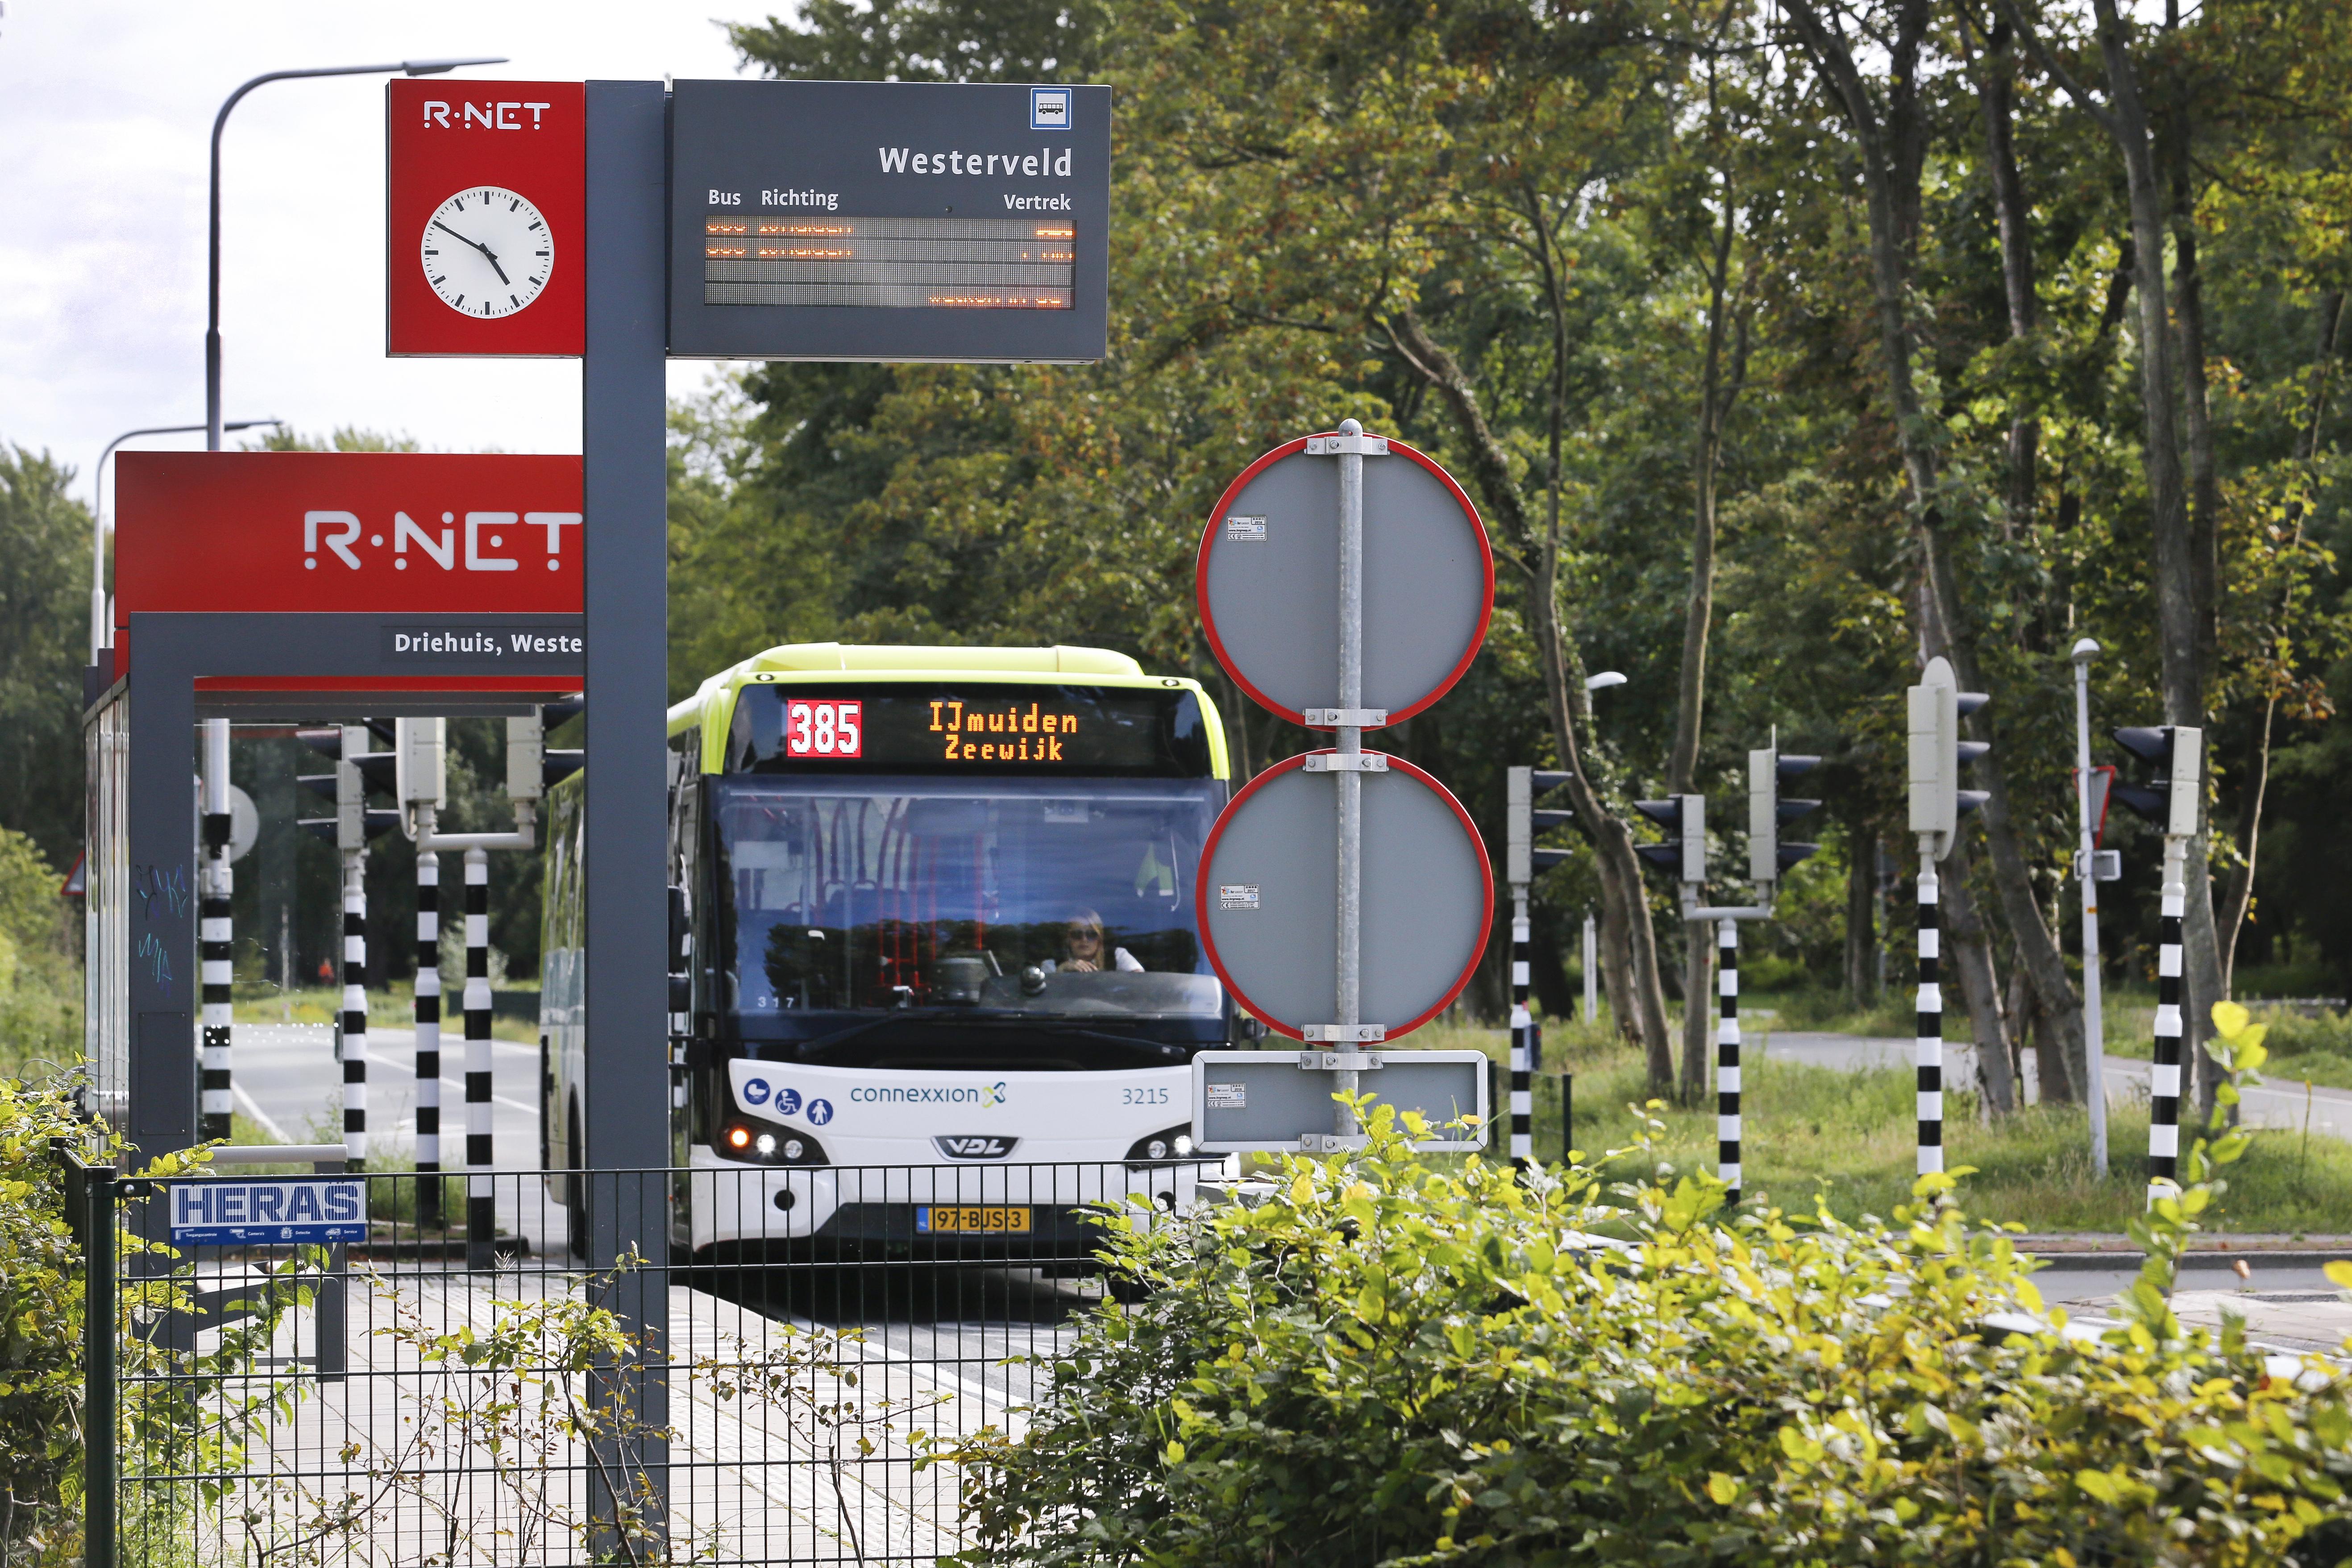 Extra bijeenkomst in Dorpsdialoog Driehuis over verkeersonderzoek; parkeren, veiligheid en bereikbaarheid vaak genoemd in enquête